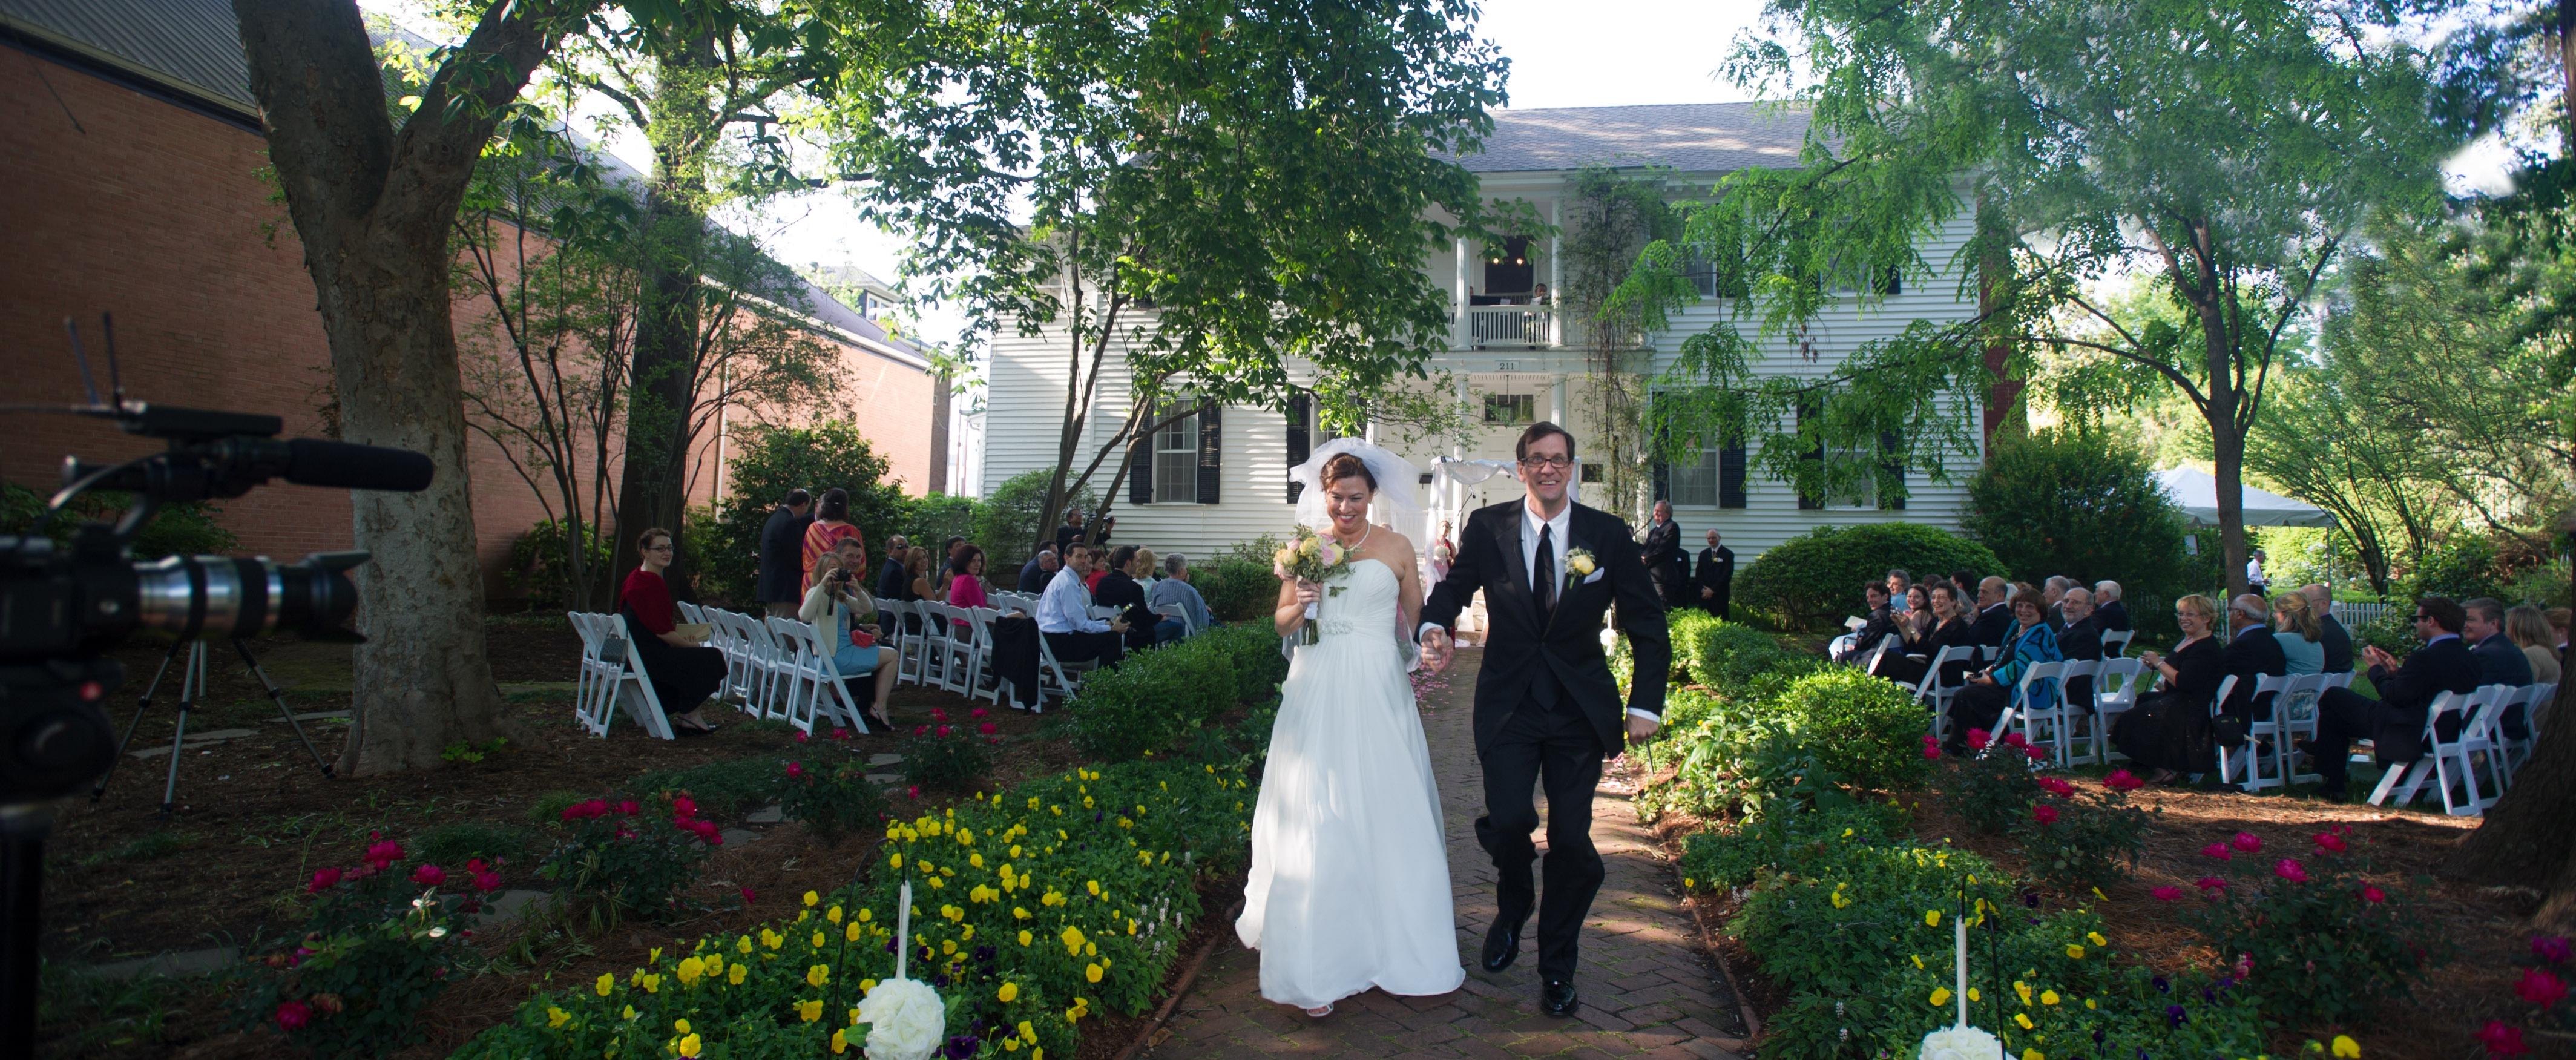 Wedding Venues In Raleigh Nc